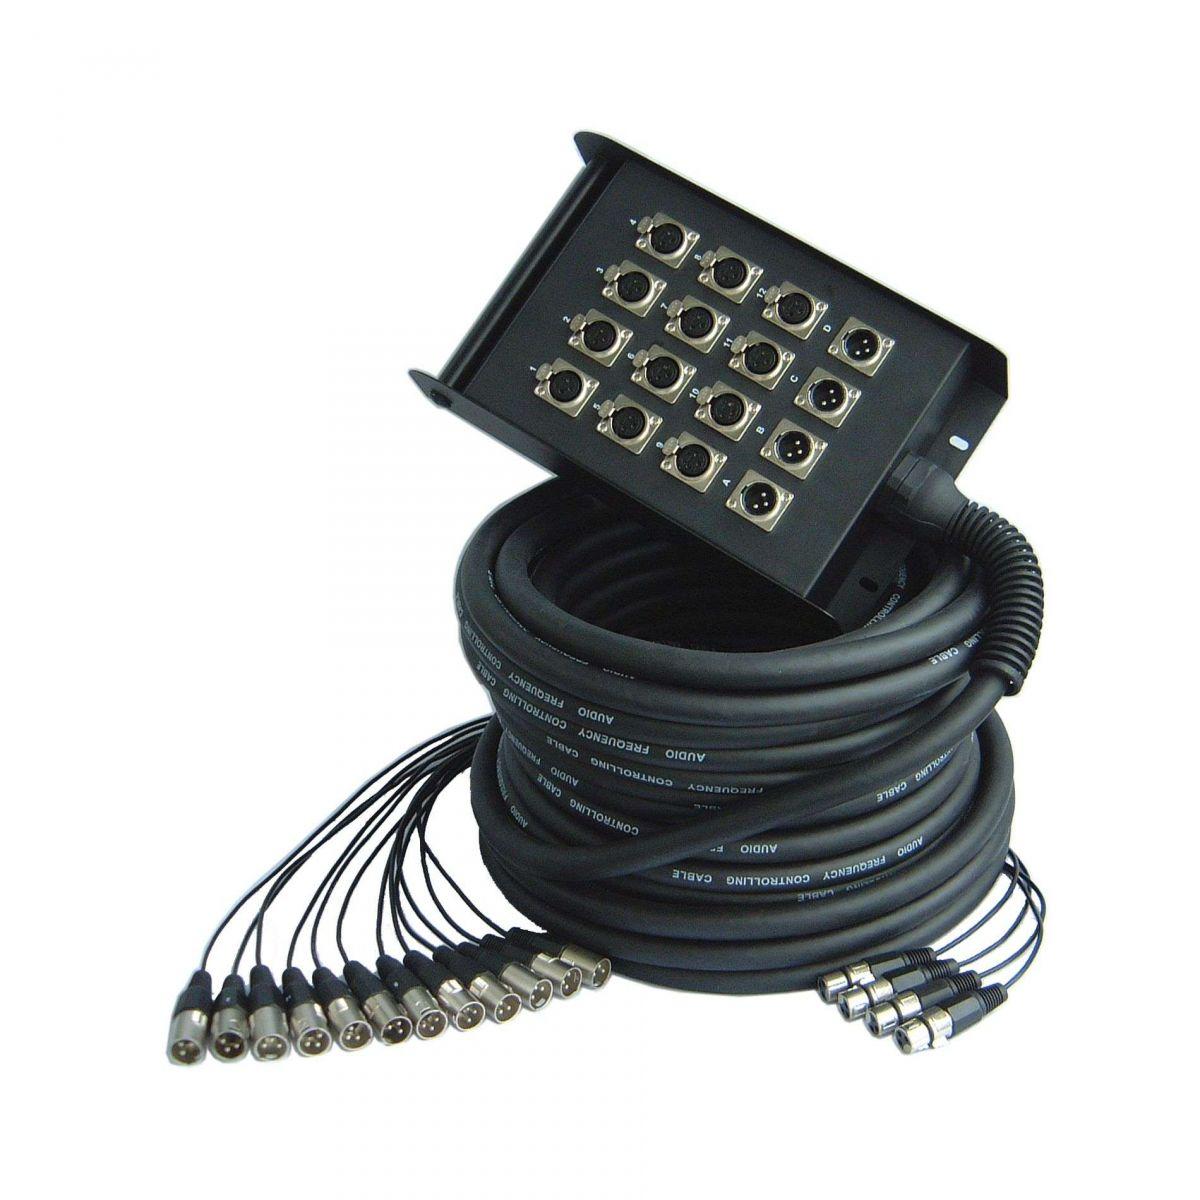 Multipaires - Power Acoustics - Accessoires - SNAKE 2086